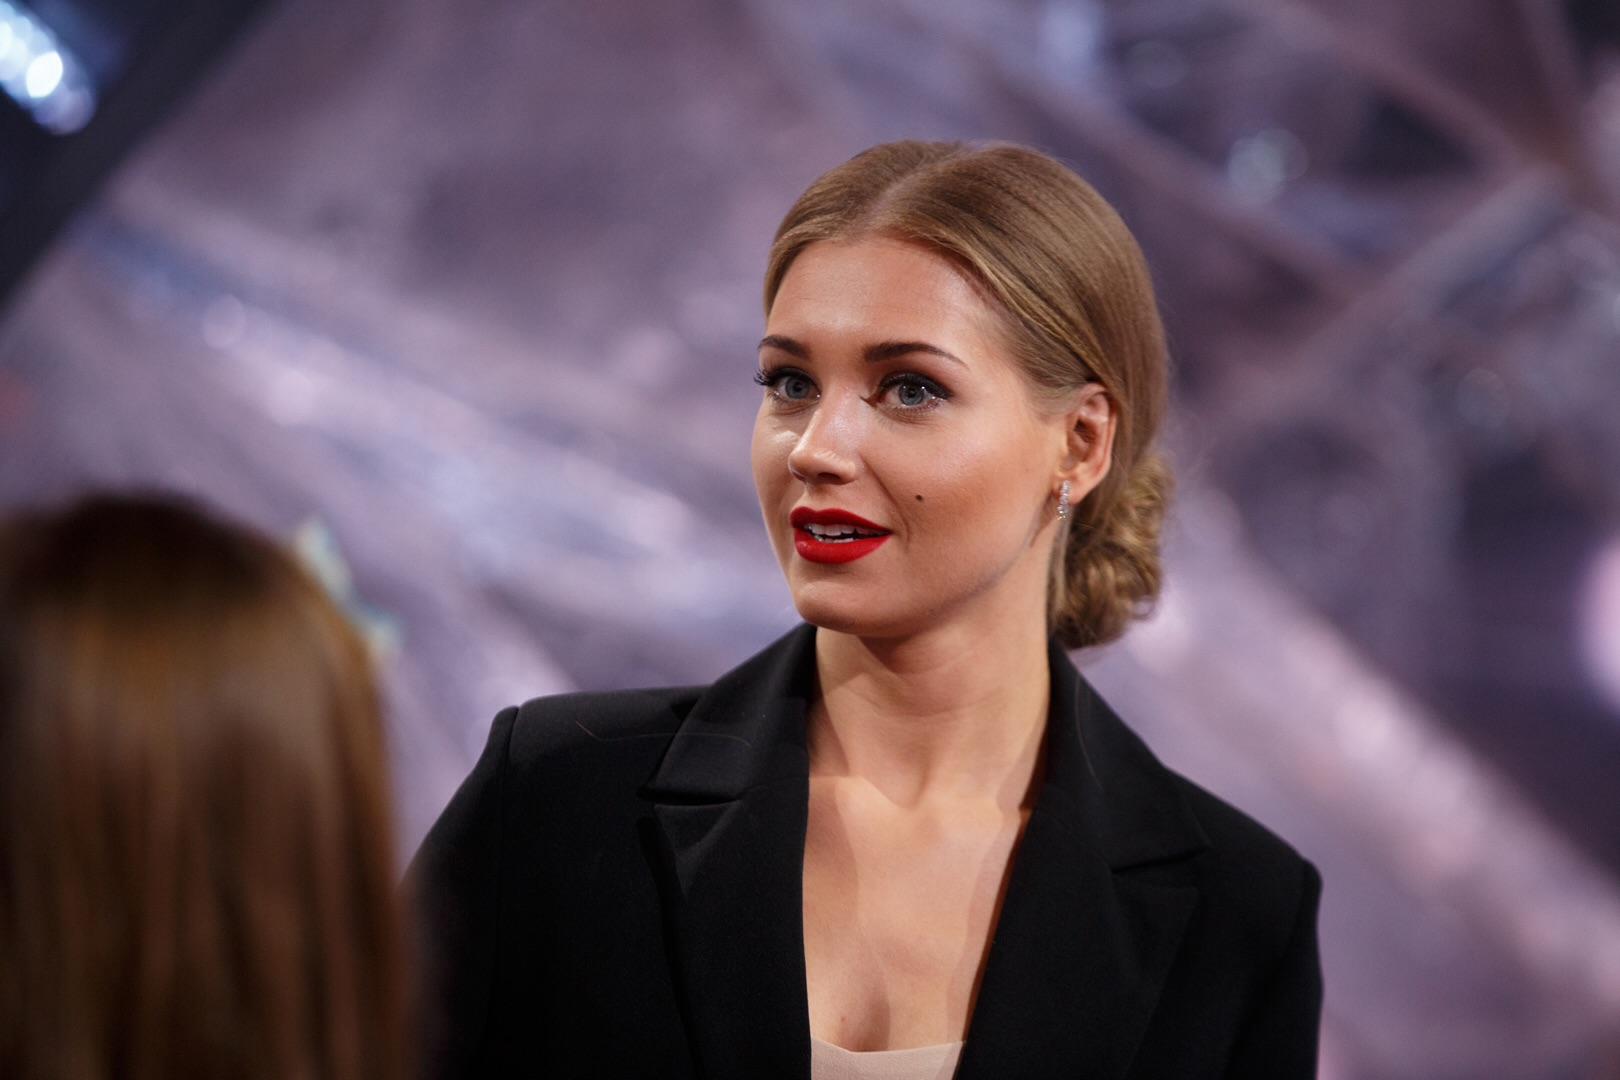 Kristina asmus - 2019 year